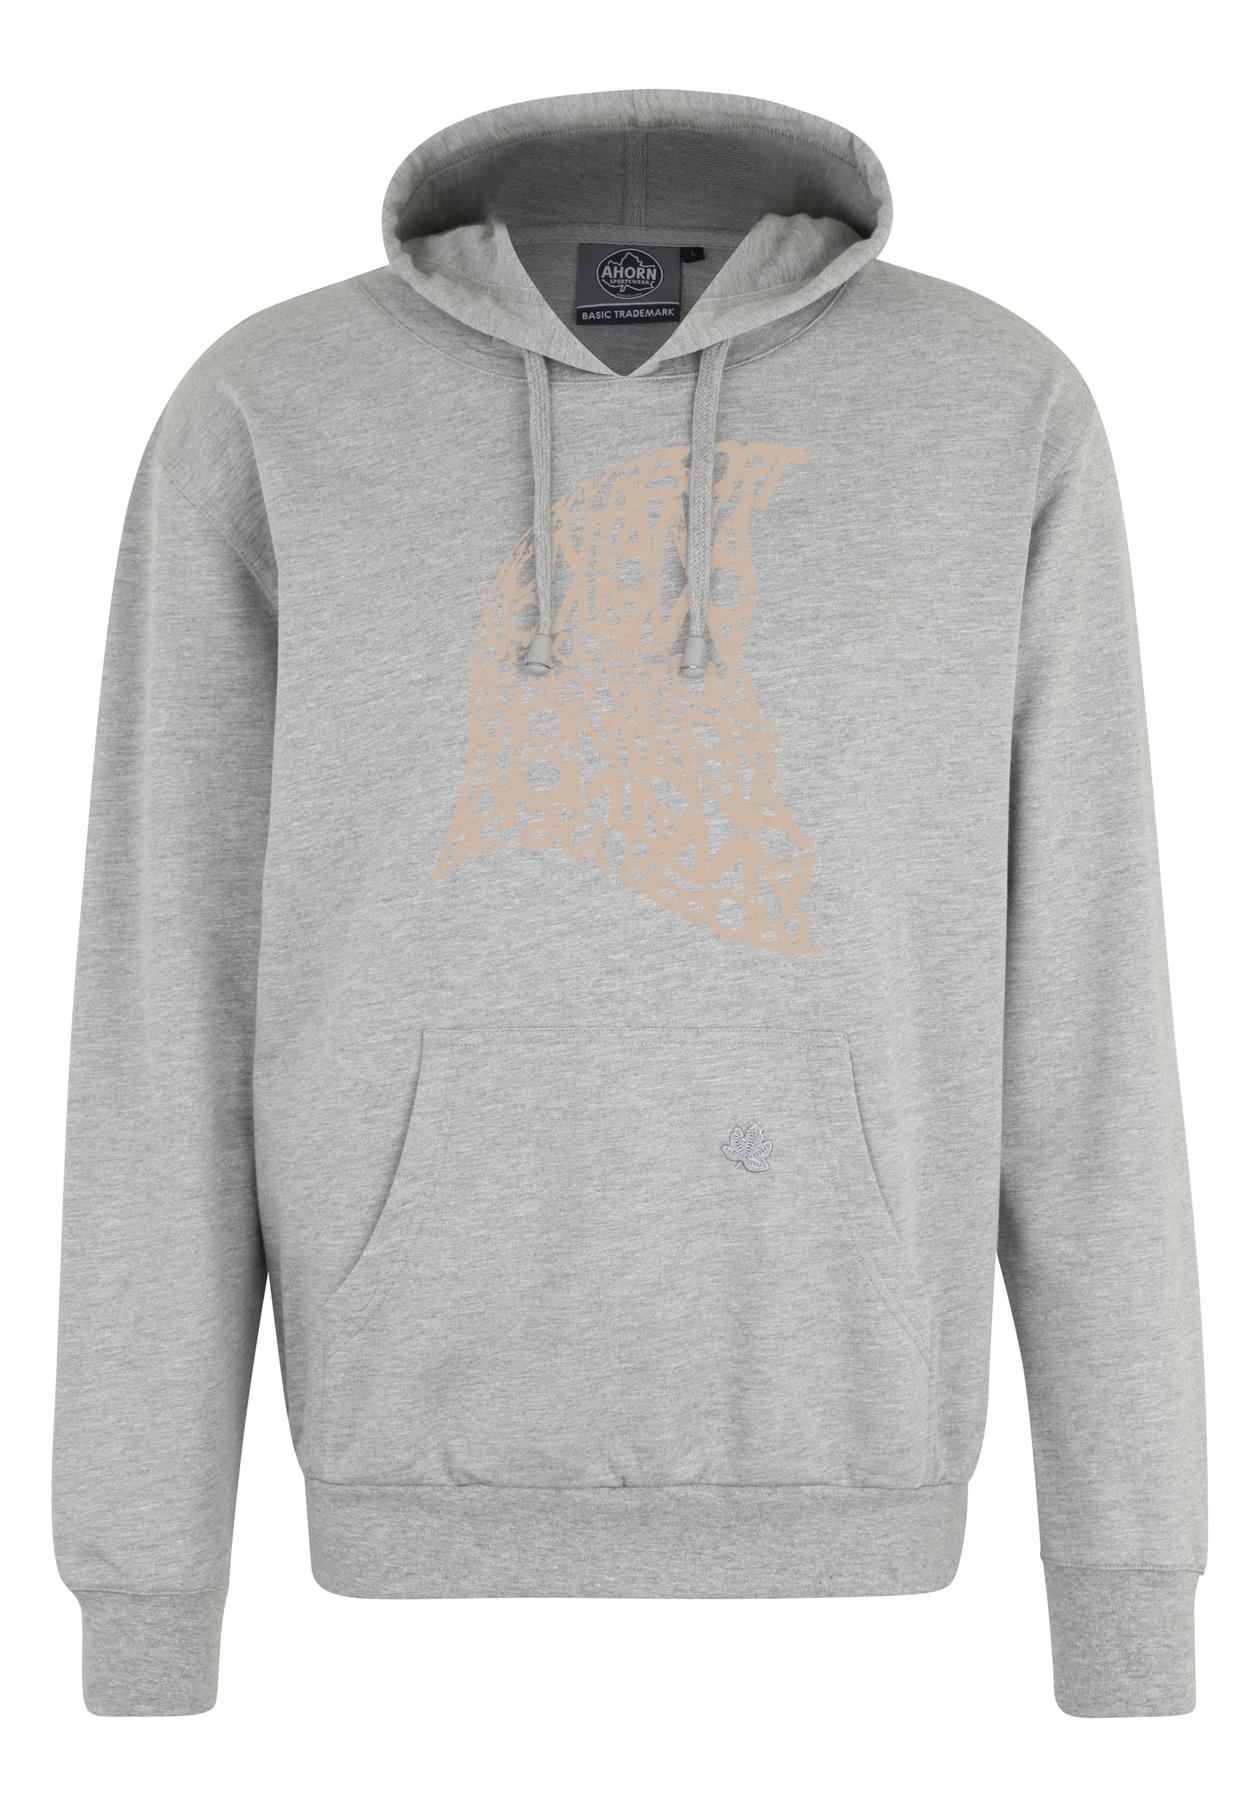 ahorn sportswear -  Kapuzenpullover, mit modischem Frontdruck